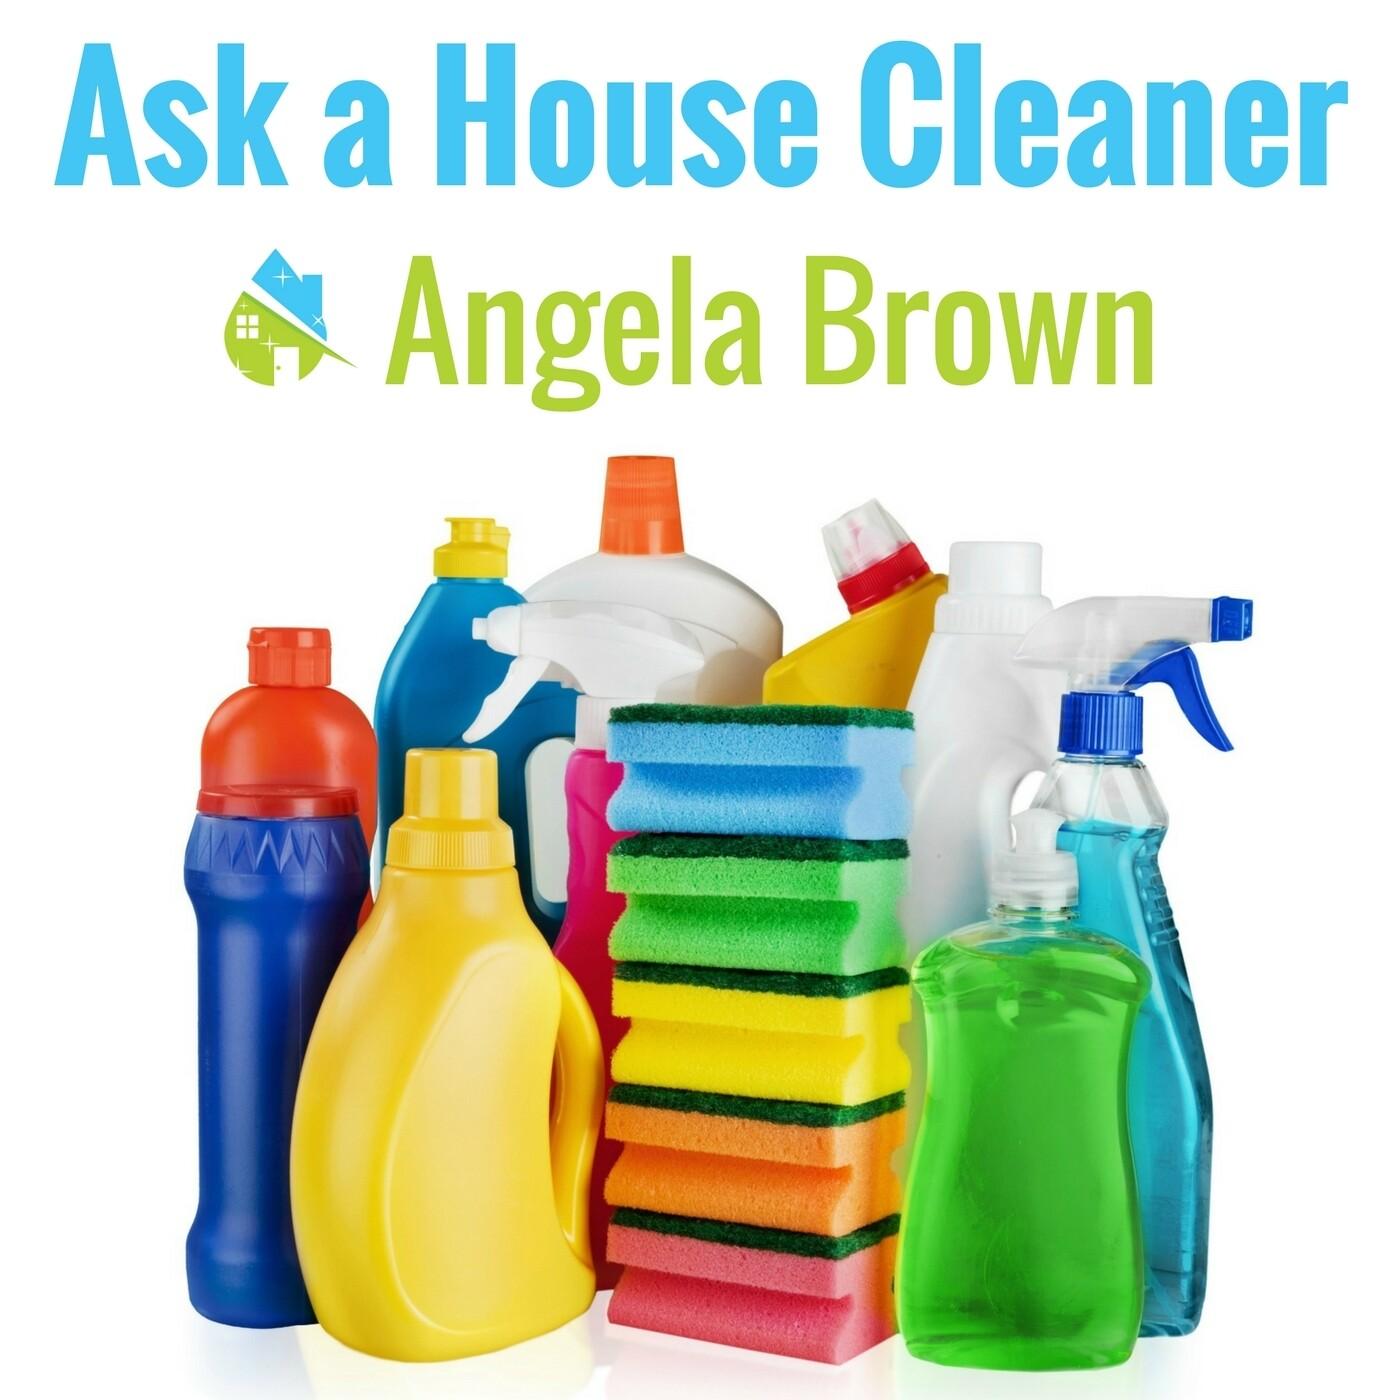 Brat Child vs. House Cleaner